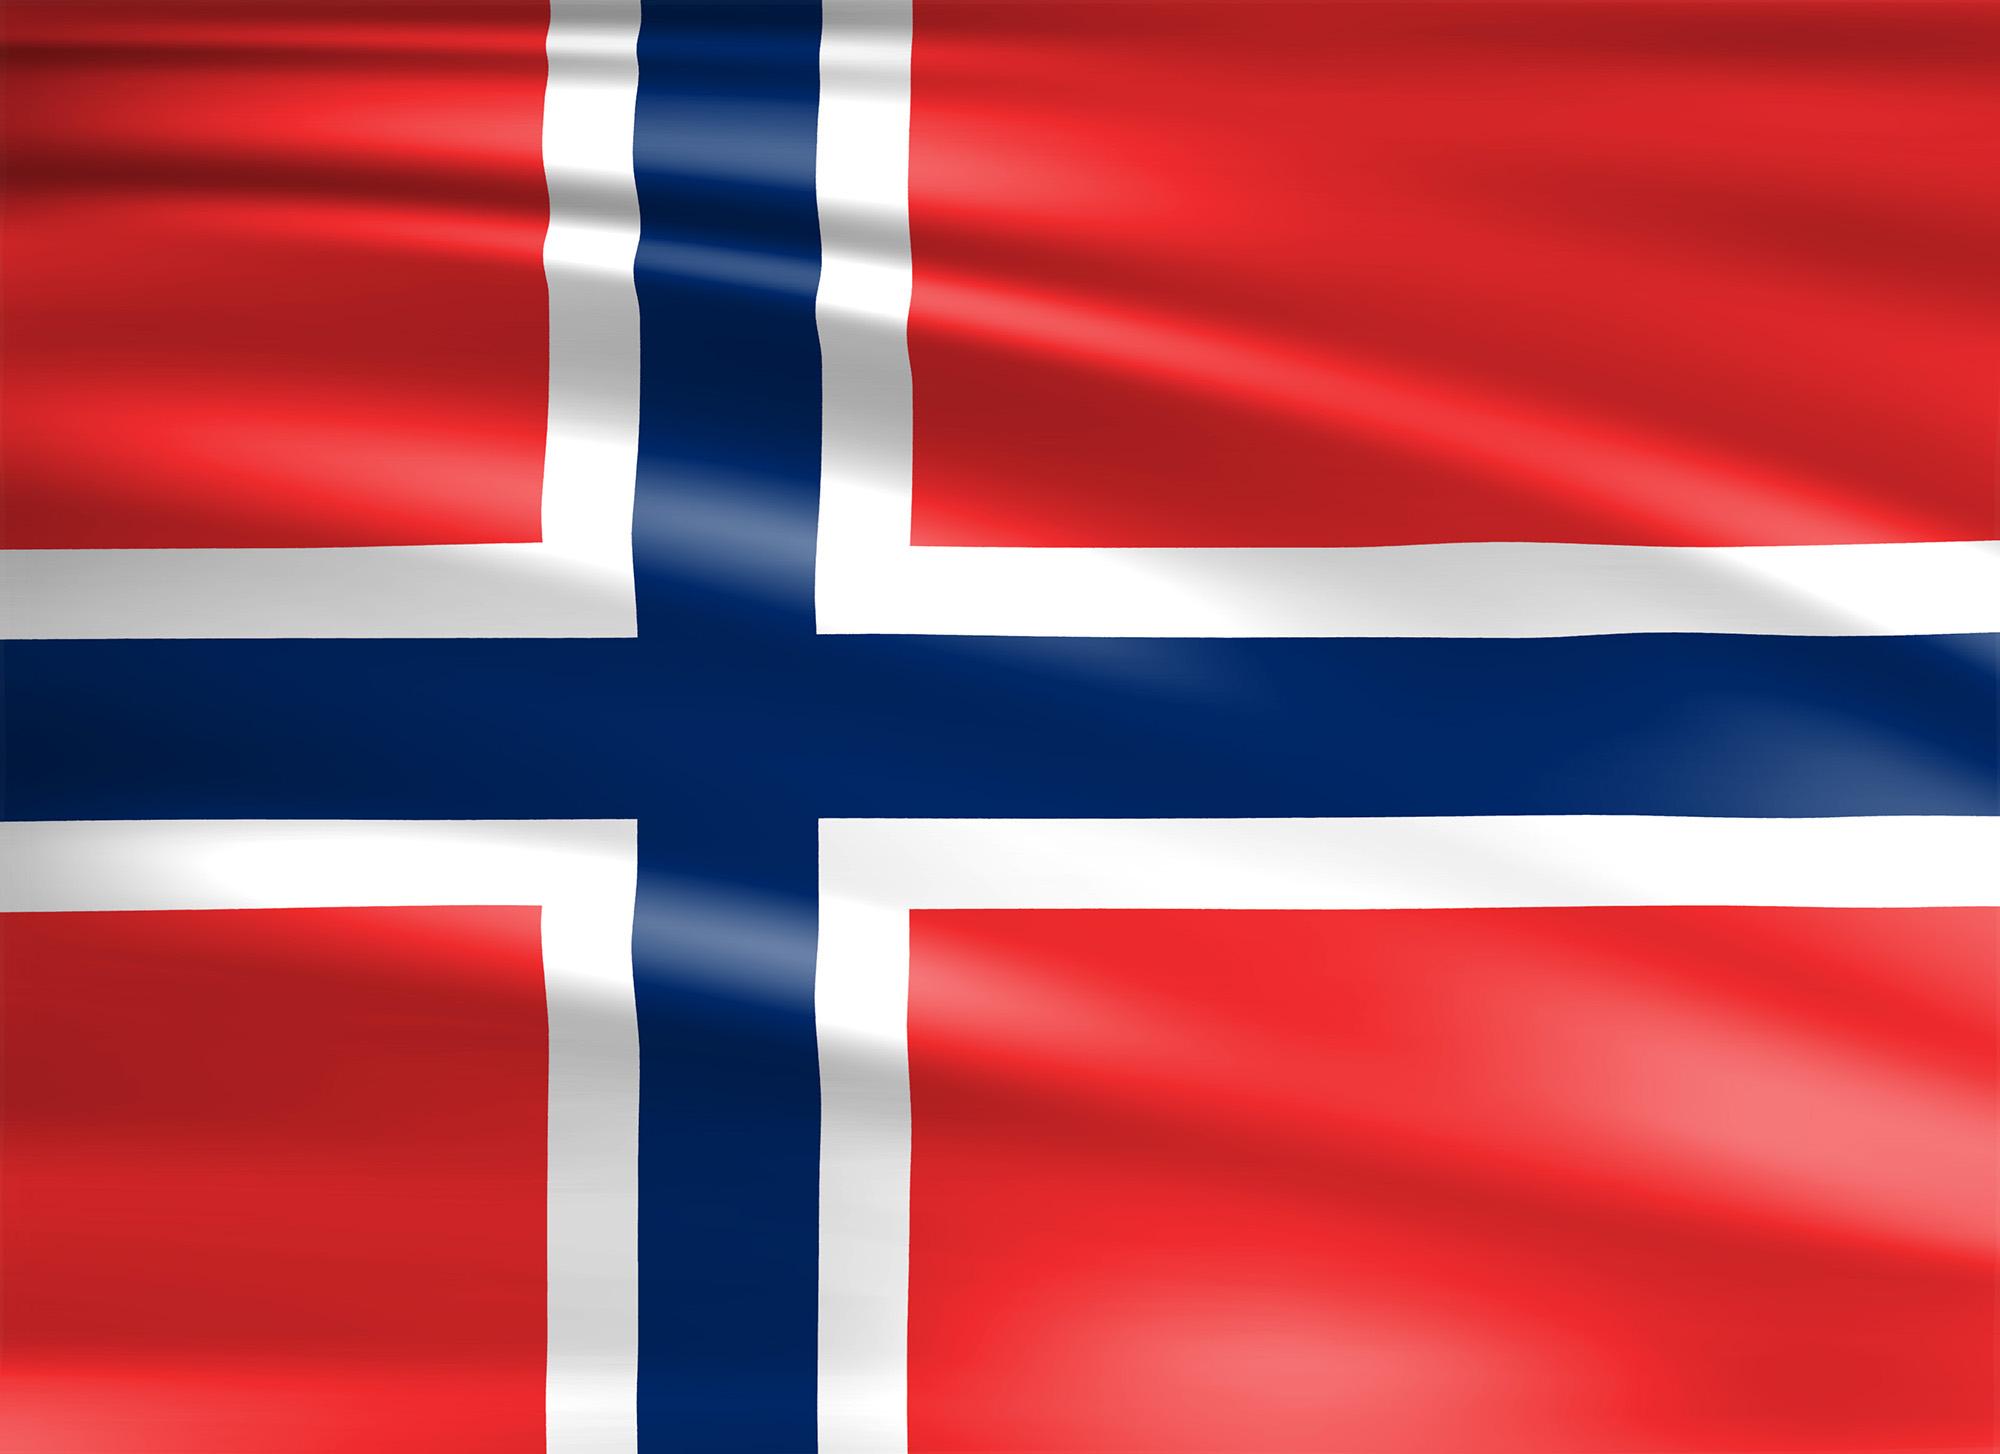 Flagge Norwegen | Wagrati